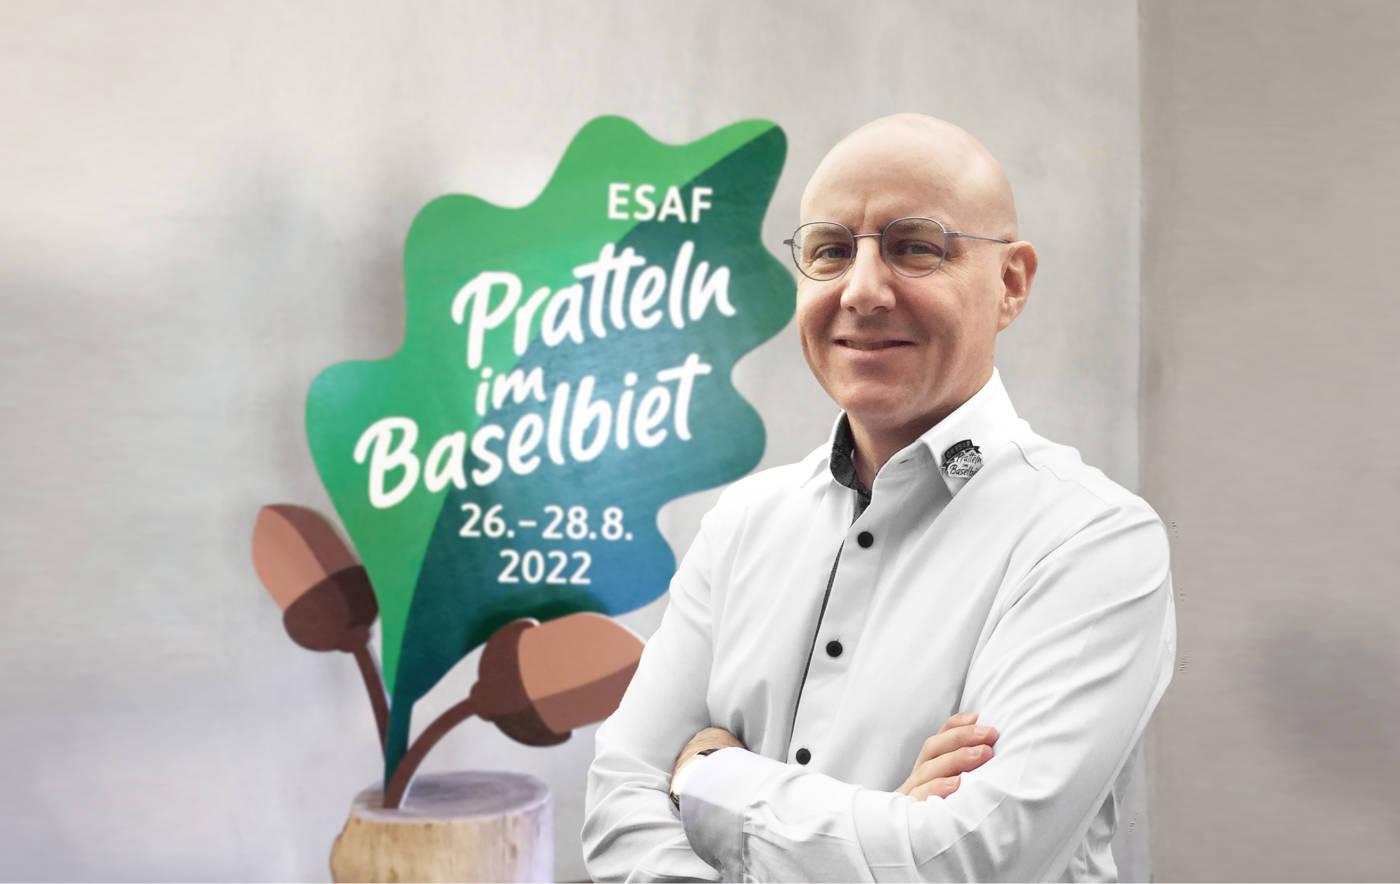 Das Eichenblatt als Symbol fürs Schwingen und die gastgebende Region    | Eidgenössisches Schwing- und Älplerfest Pratteln im Baselbiet | ESAF 2022